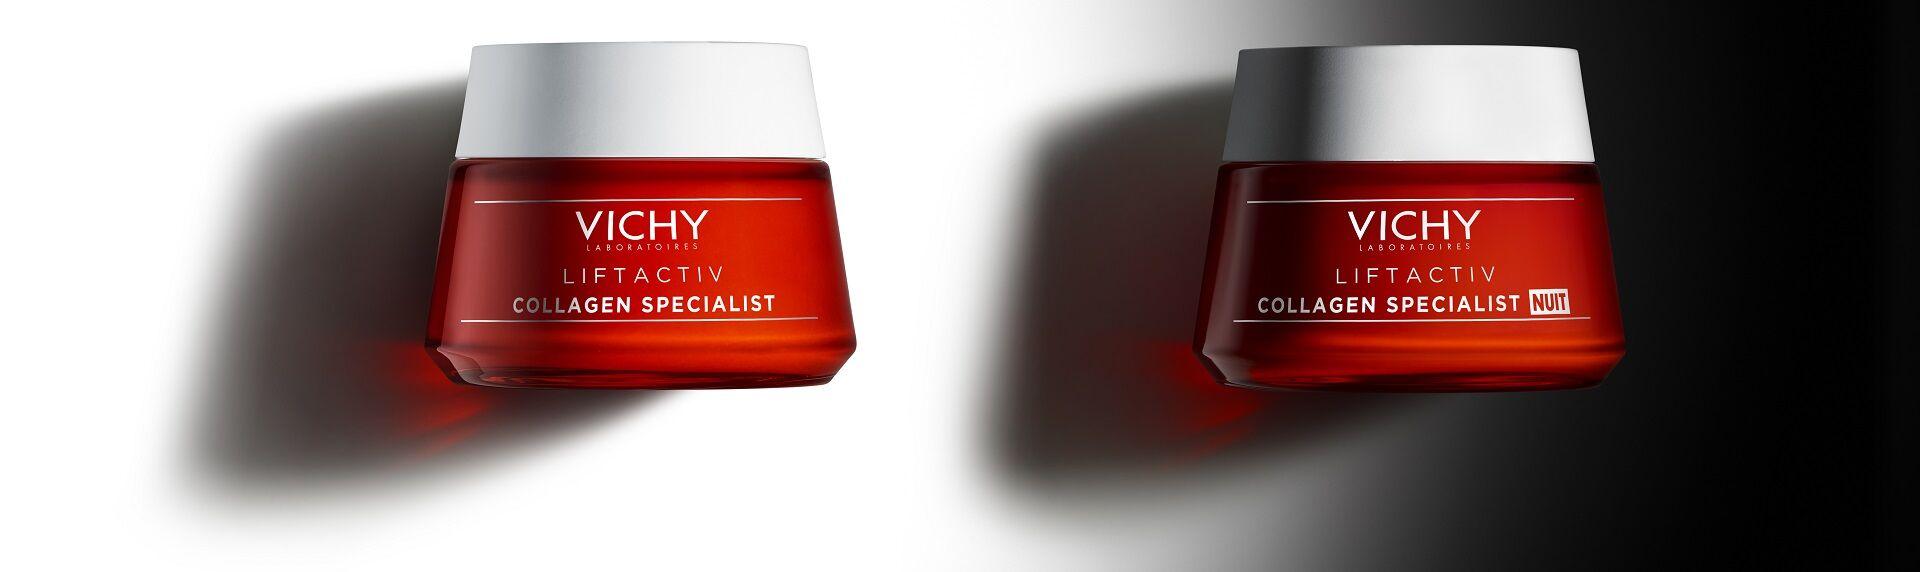 Megérkezett az idei év legjobban várt Vichy újdonsága, a Liftactiv Collagen Specialist éjszakai arcápoló krém!